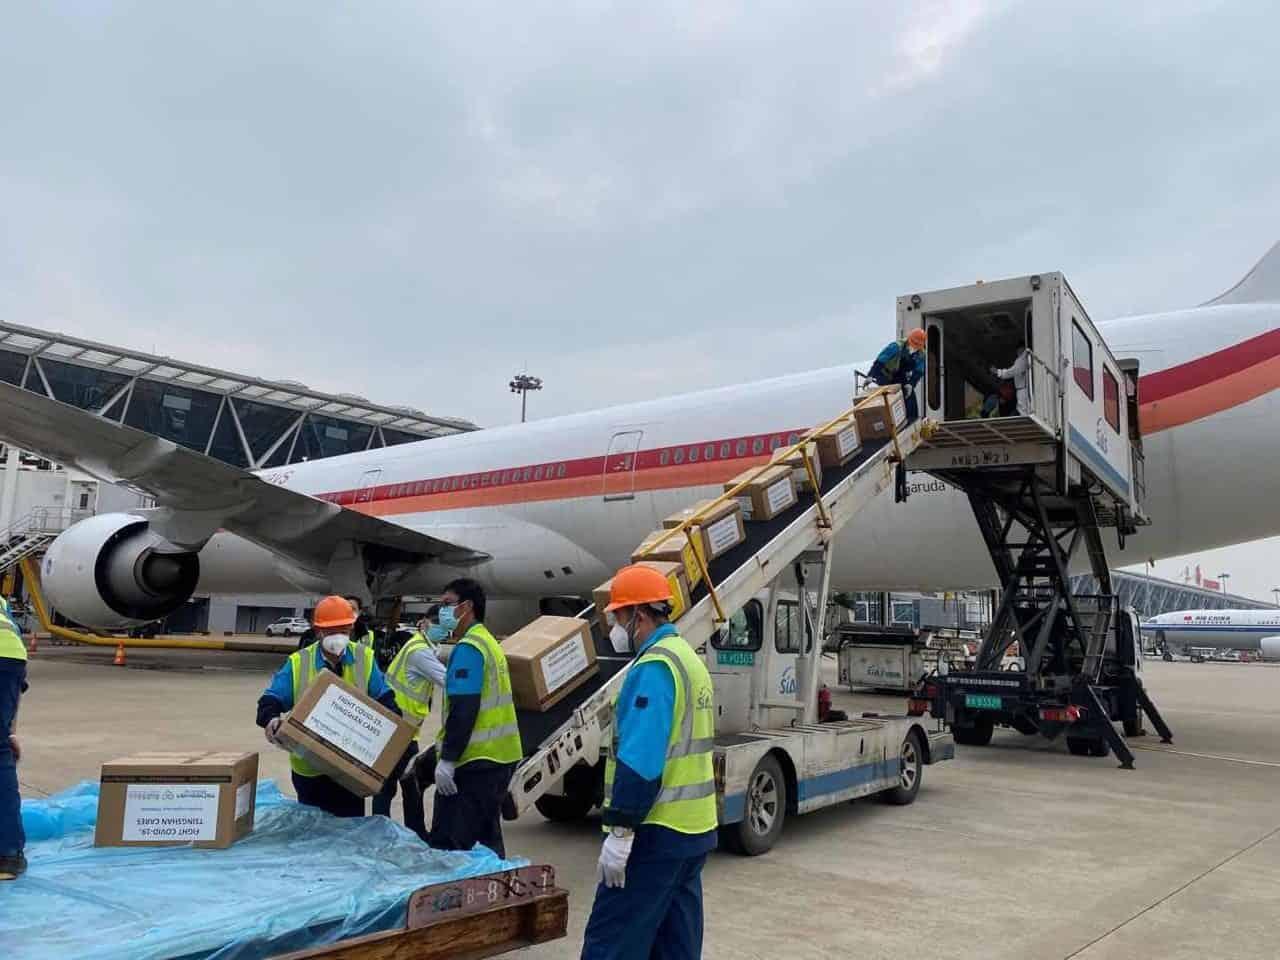 Bantuan 40 Ton Alat Kesehatan untuk Penanganan Covid-19 Tiba di Indonesia Dini Hari Nanti